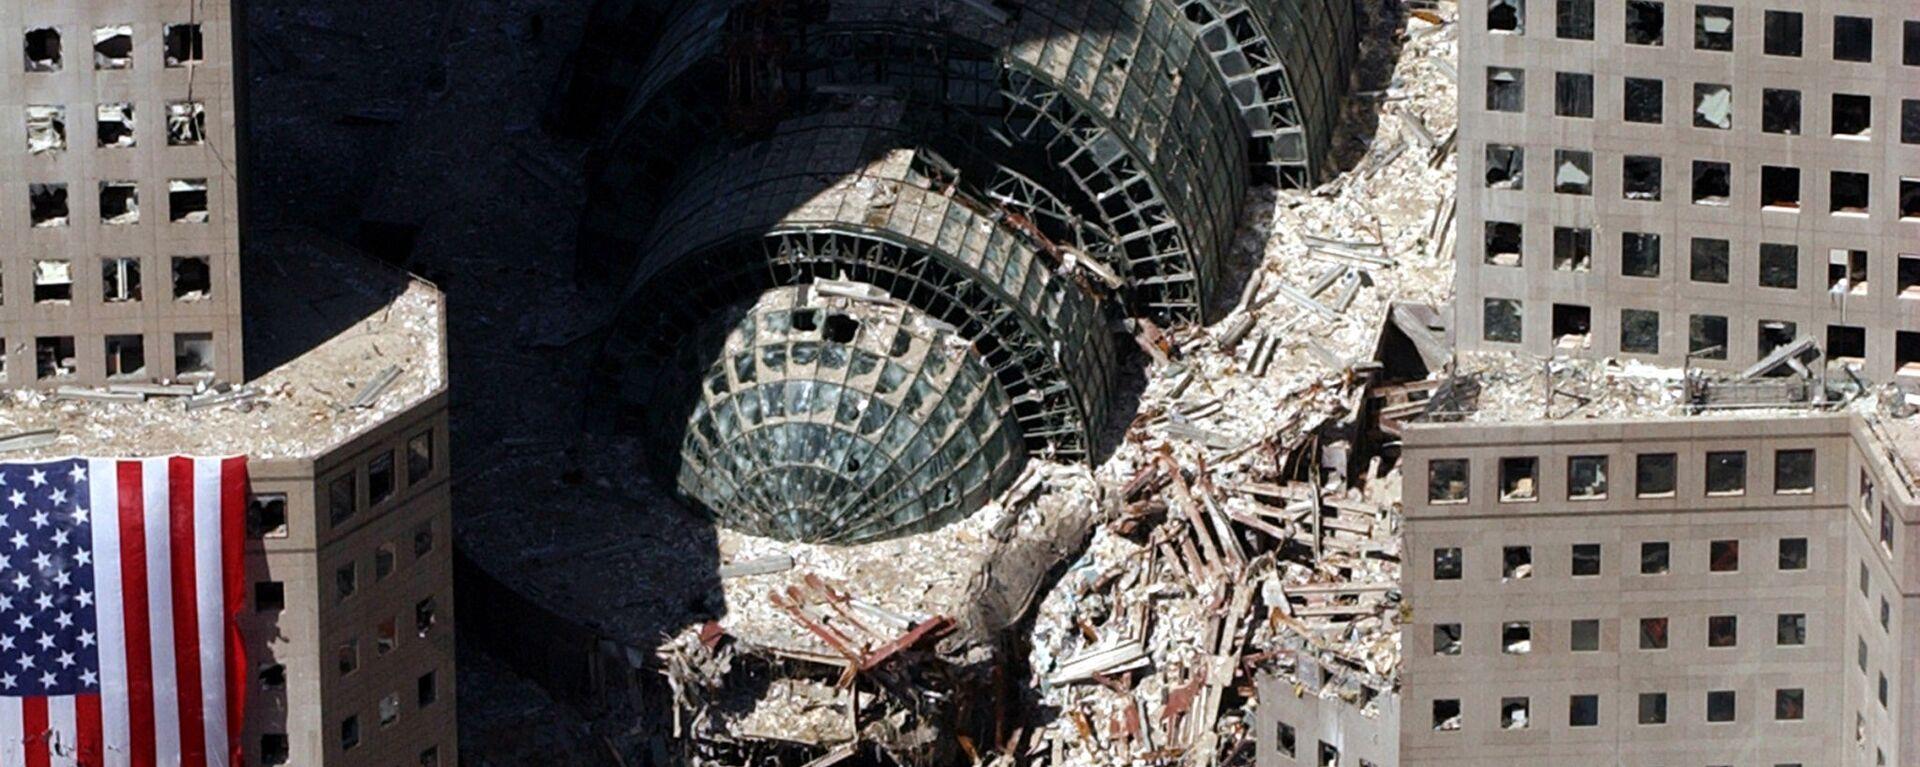 Кусок обрушившегося здания после атаки 9/11 в Нью-Йорке  - Sputnik Česká republika, 1920, 06.09.2021